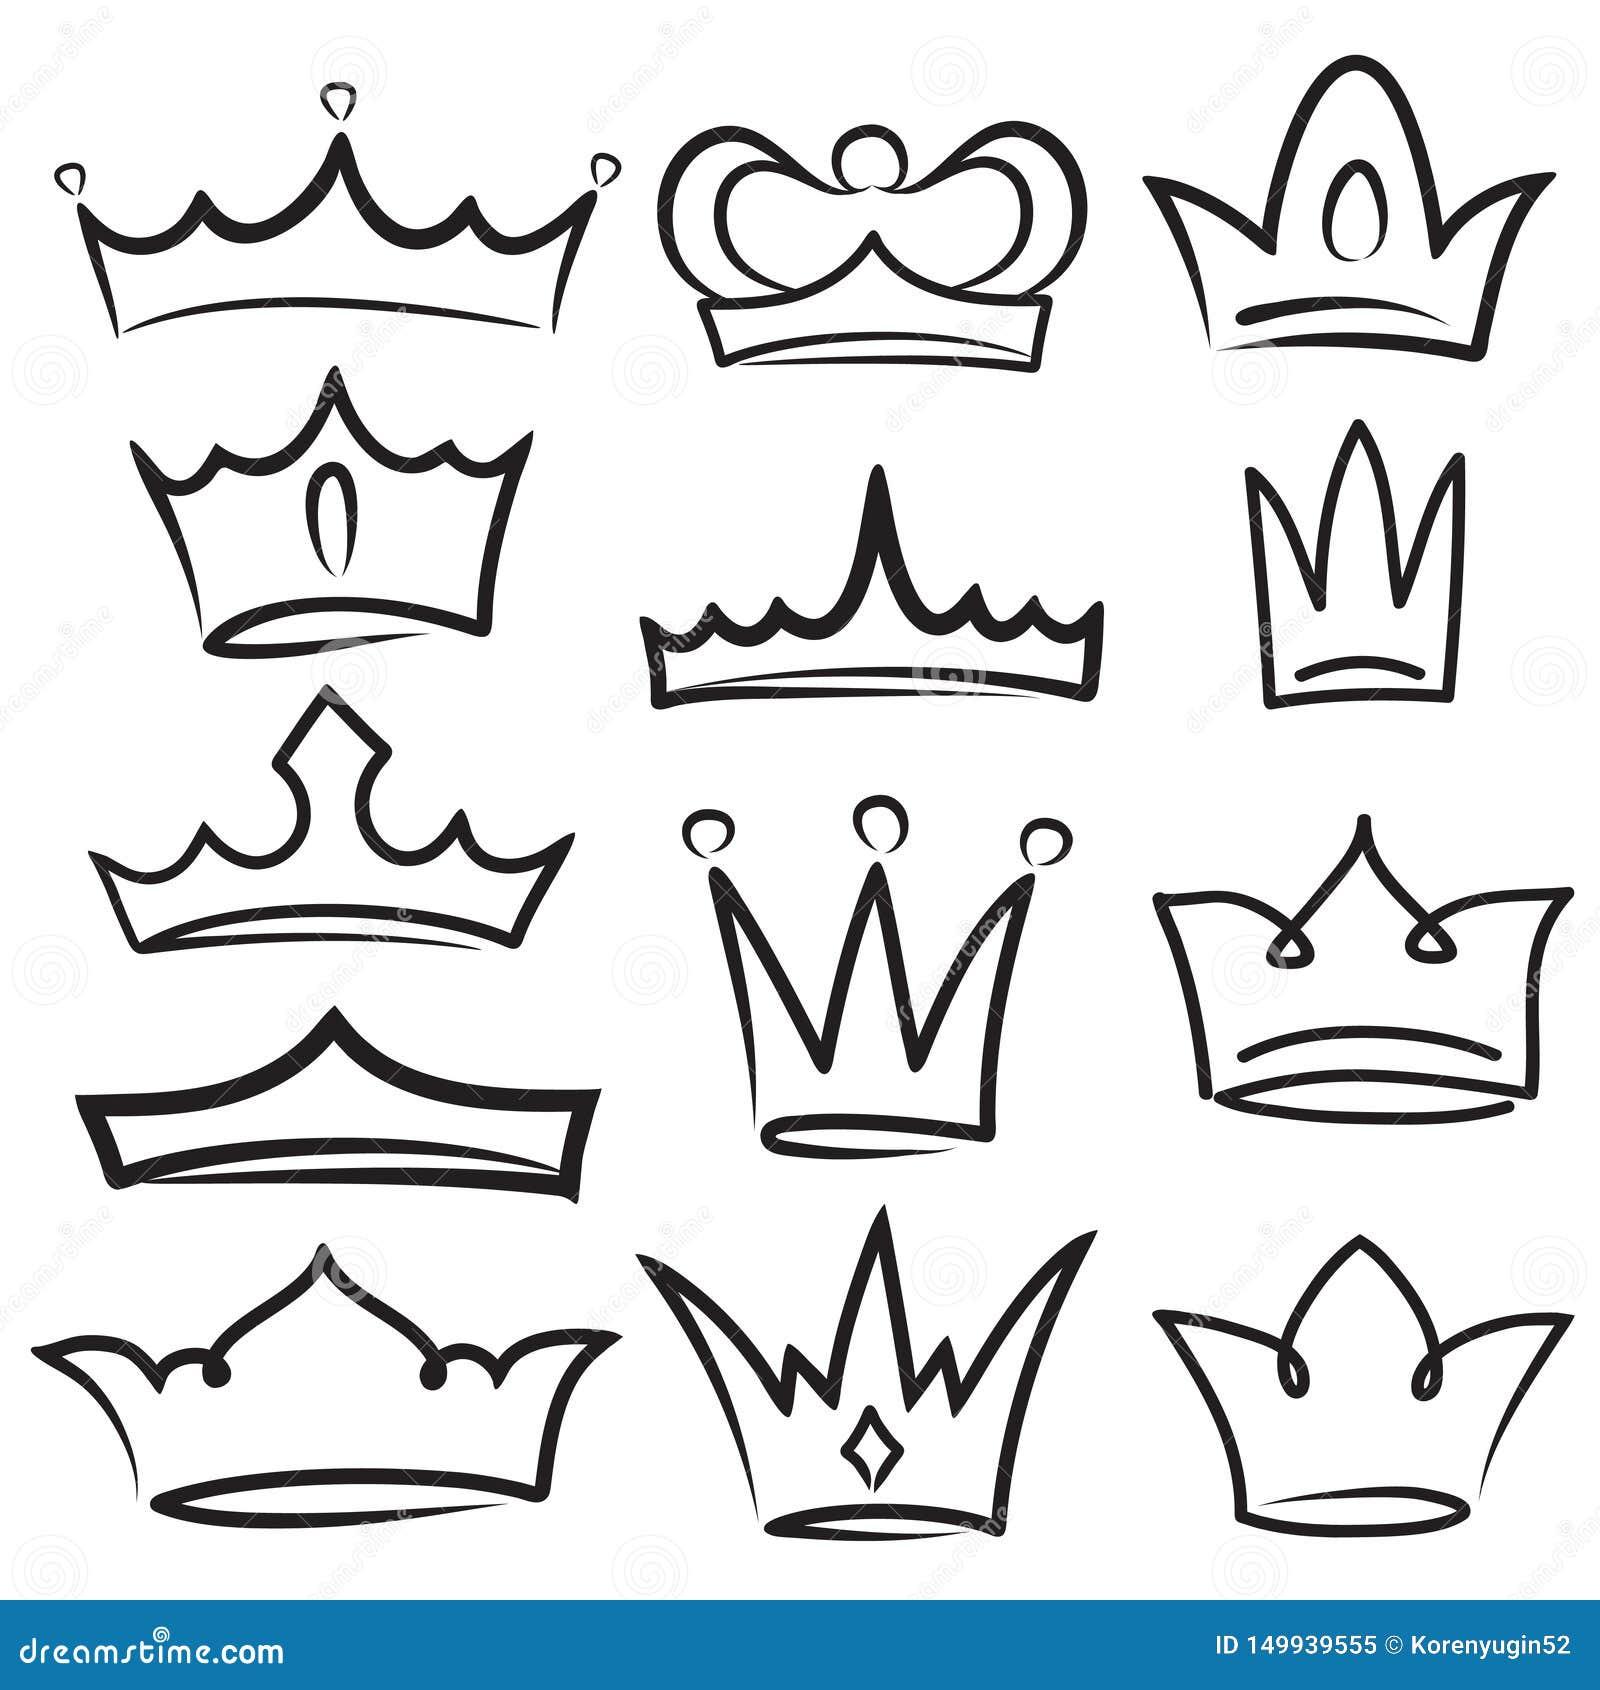 Sketch Crown  Simple Graffiti Crowning, Elegant Queen Or